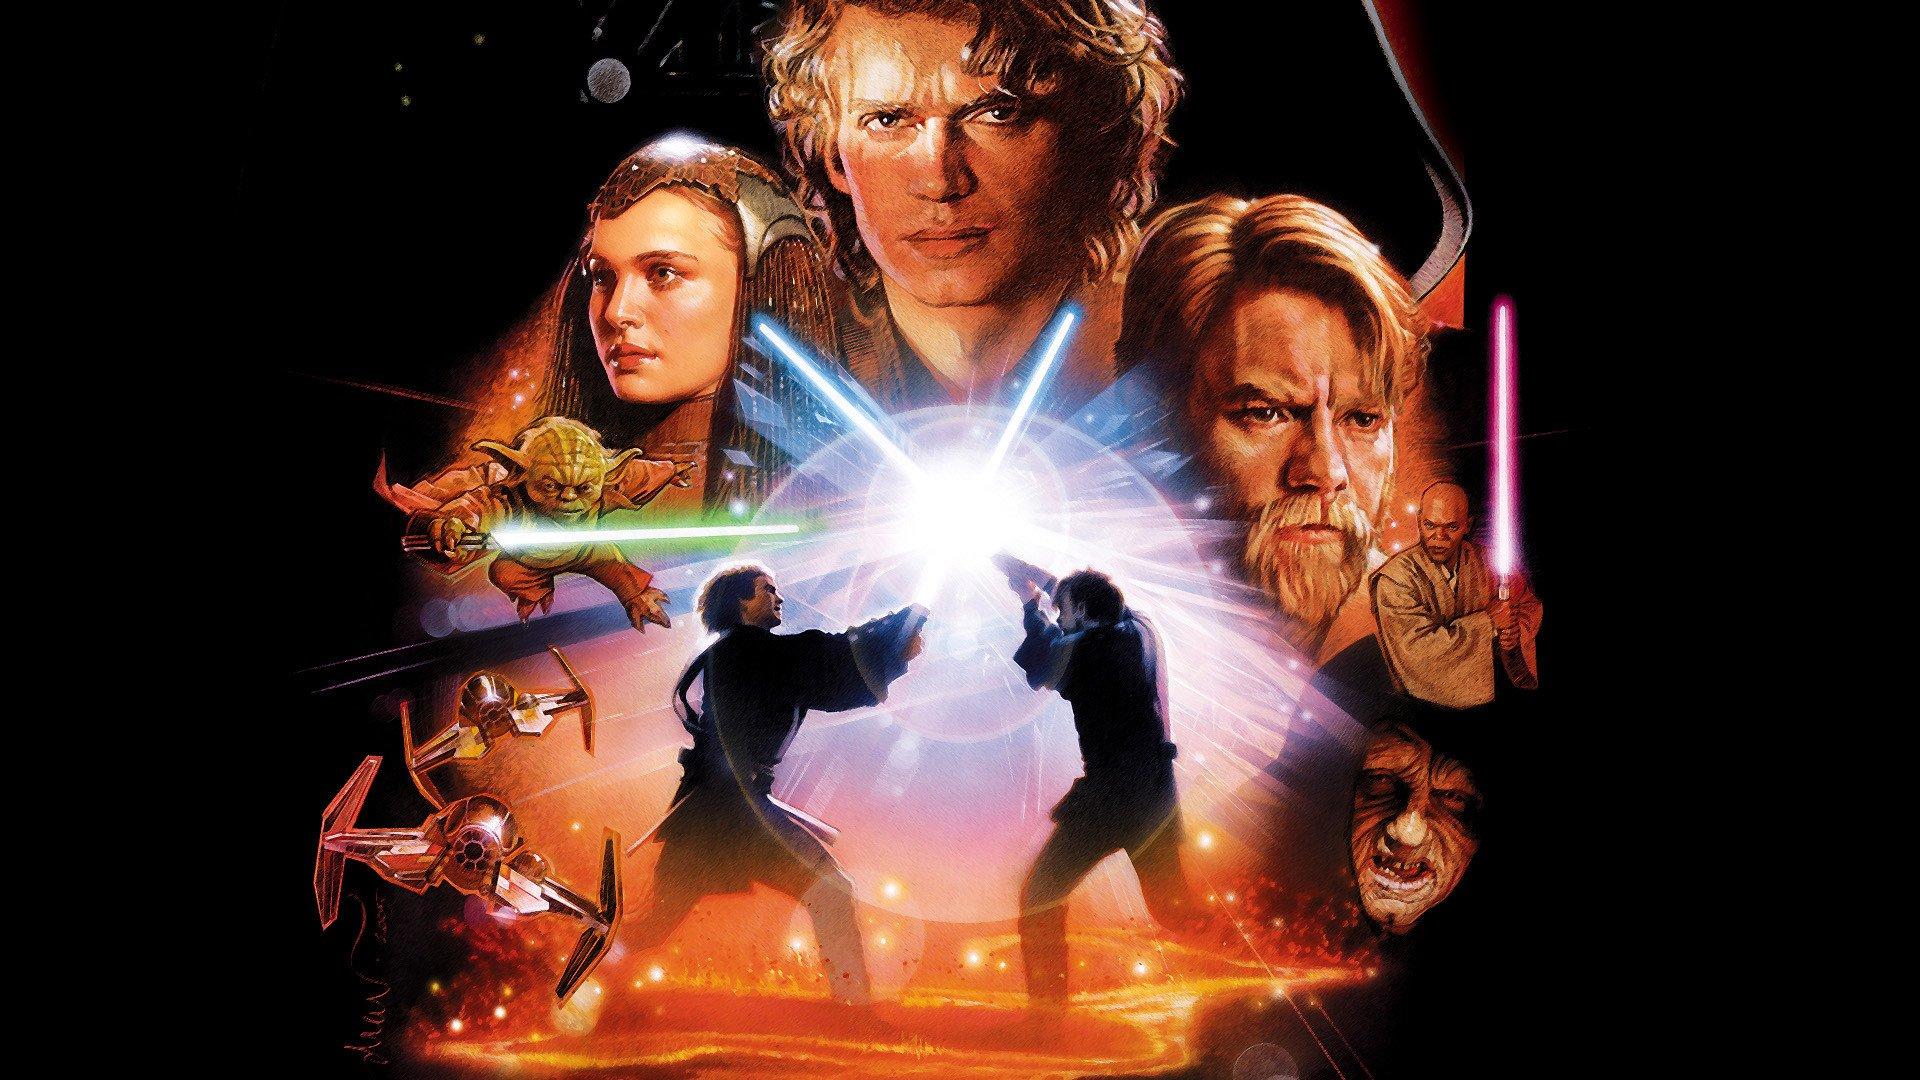 """「スター・ウォーズ エピソード3 シスの復讐」""""STARWARS Episode III Revenge of the Sith""""(2005)"""